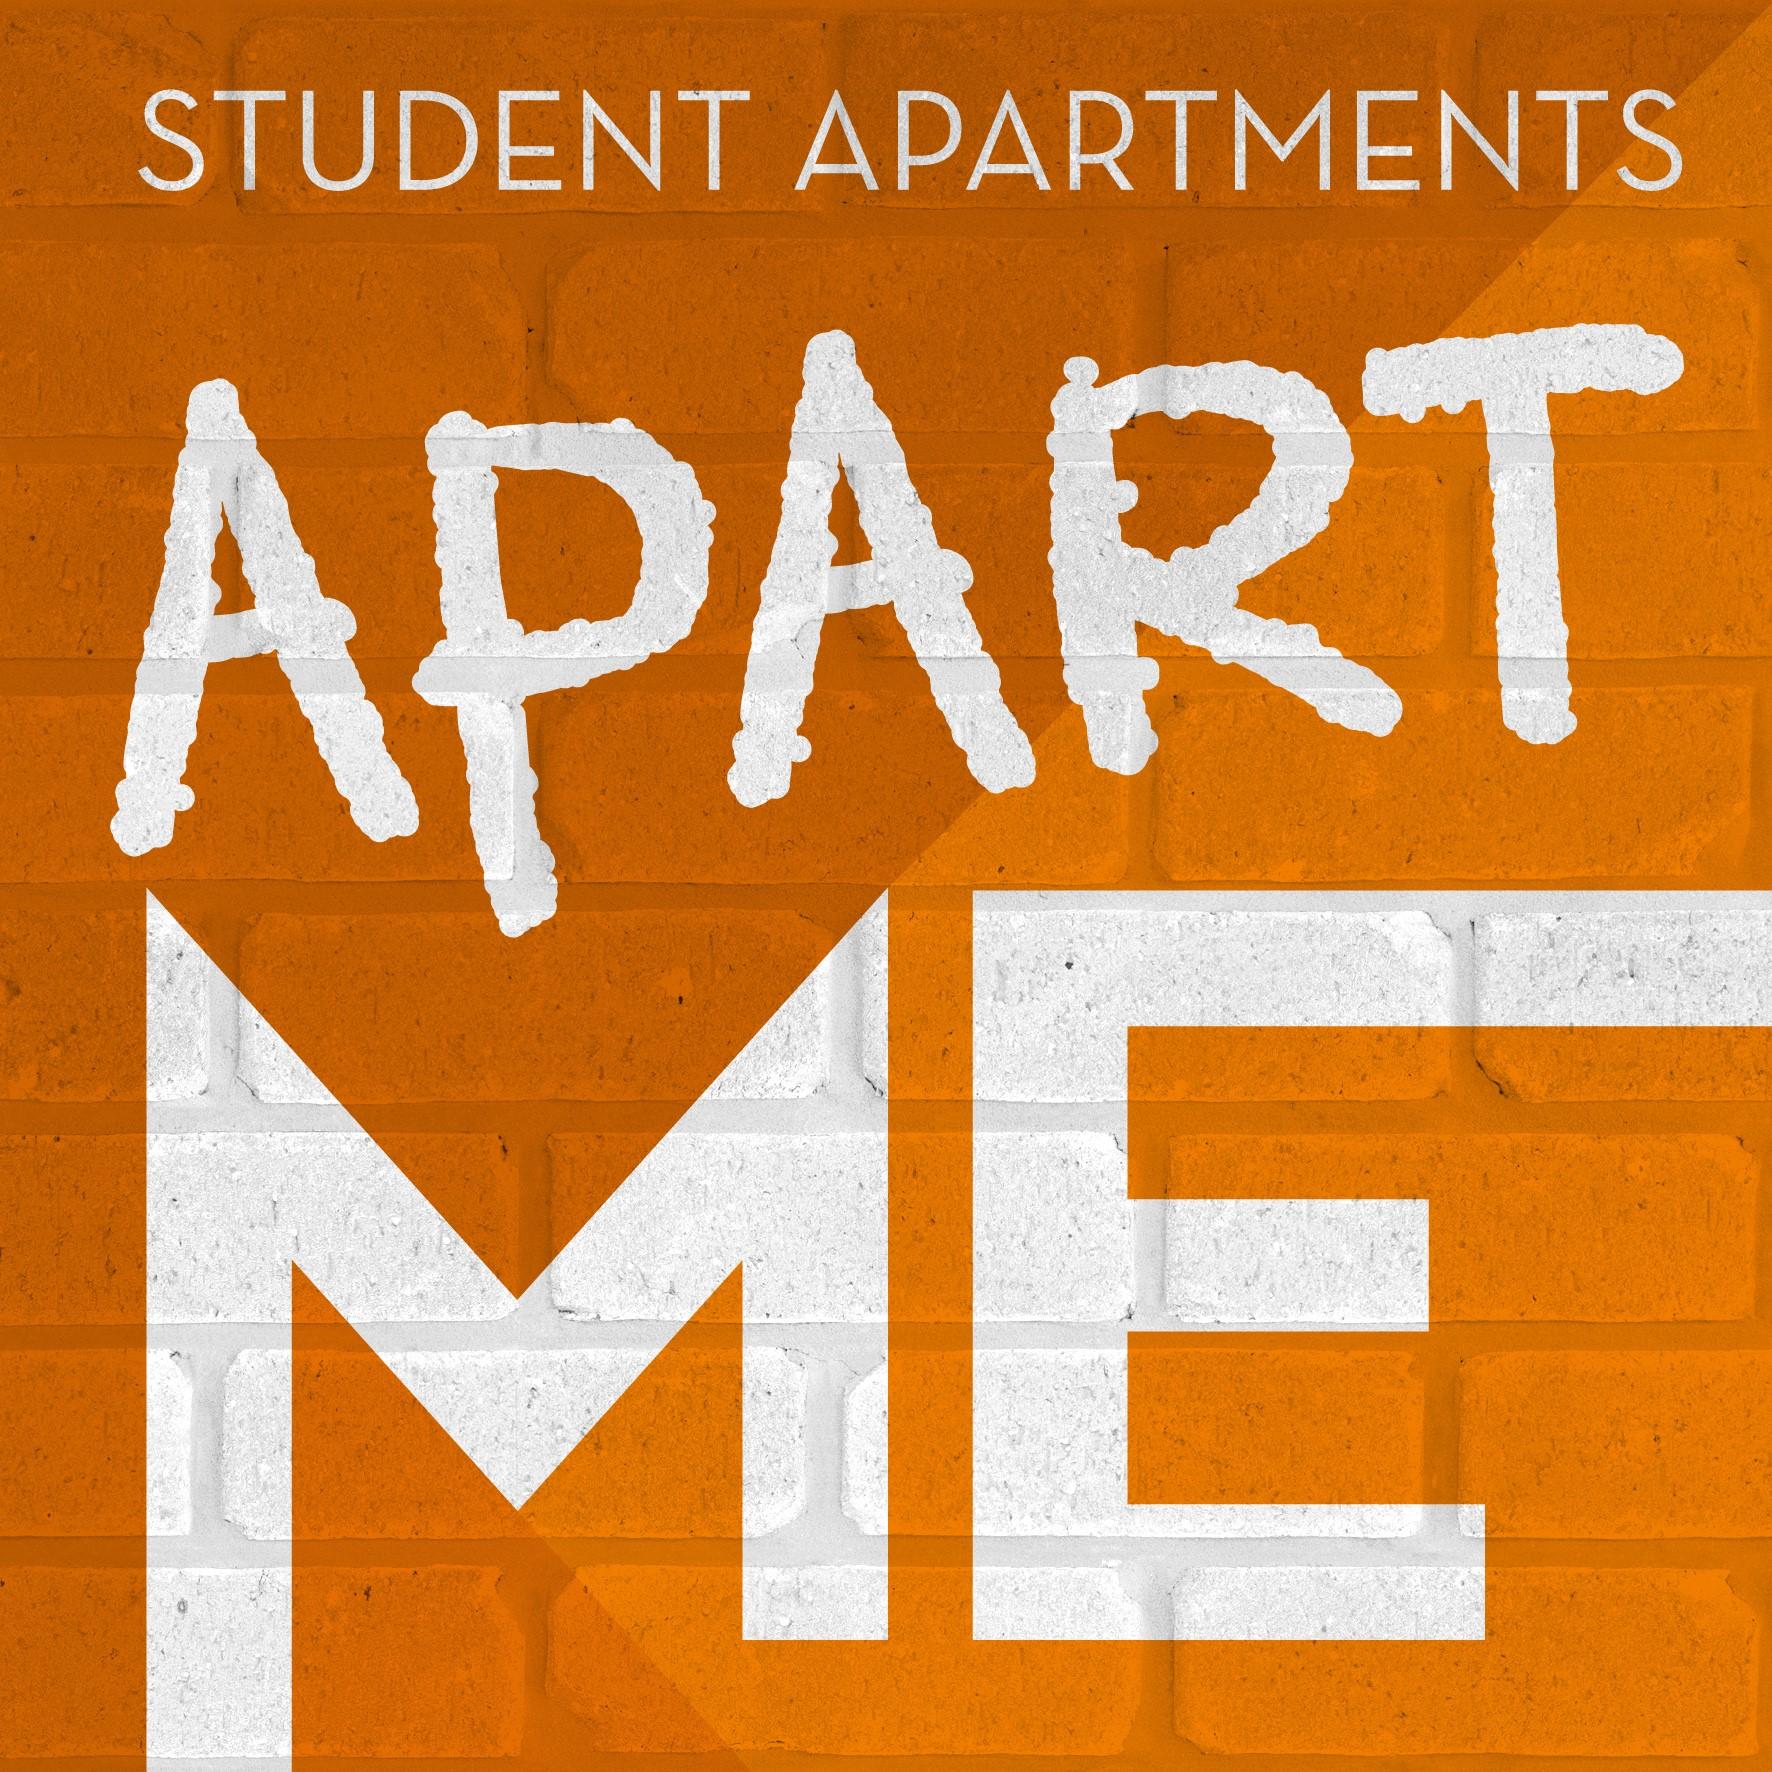 ApartMe